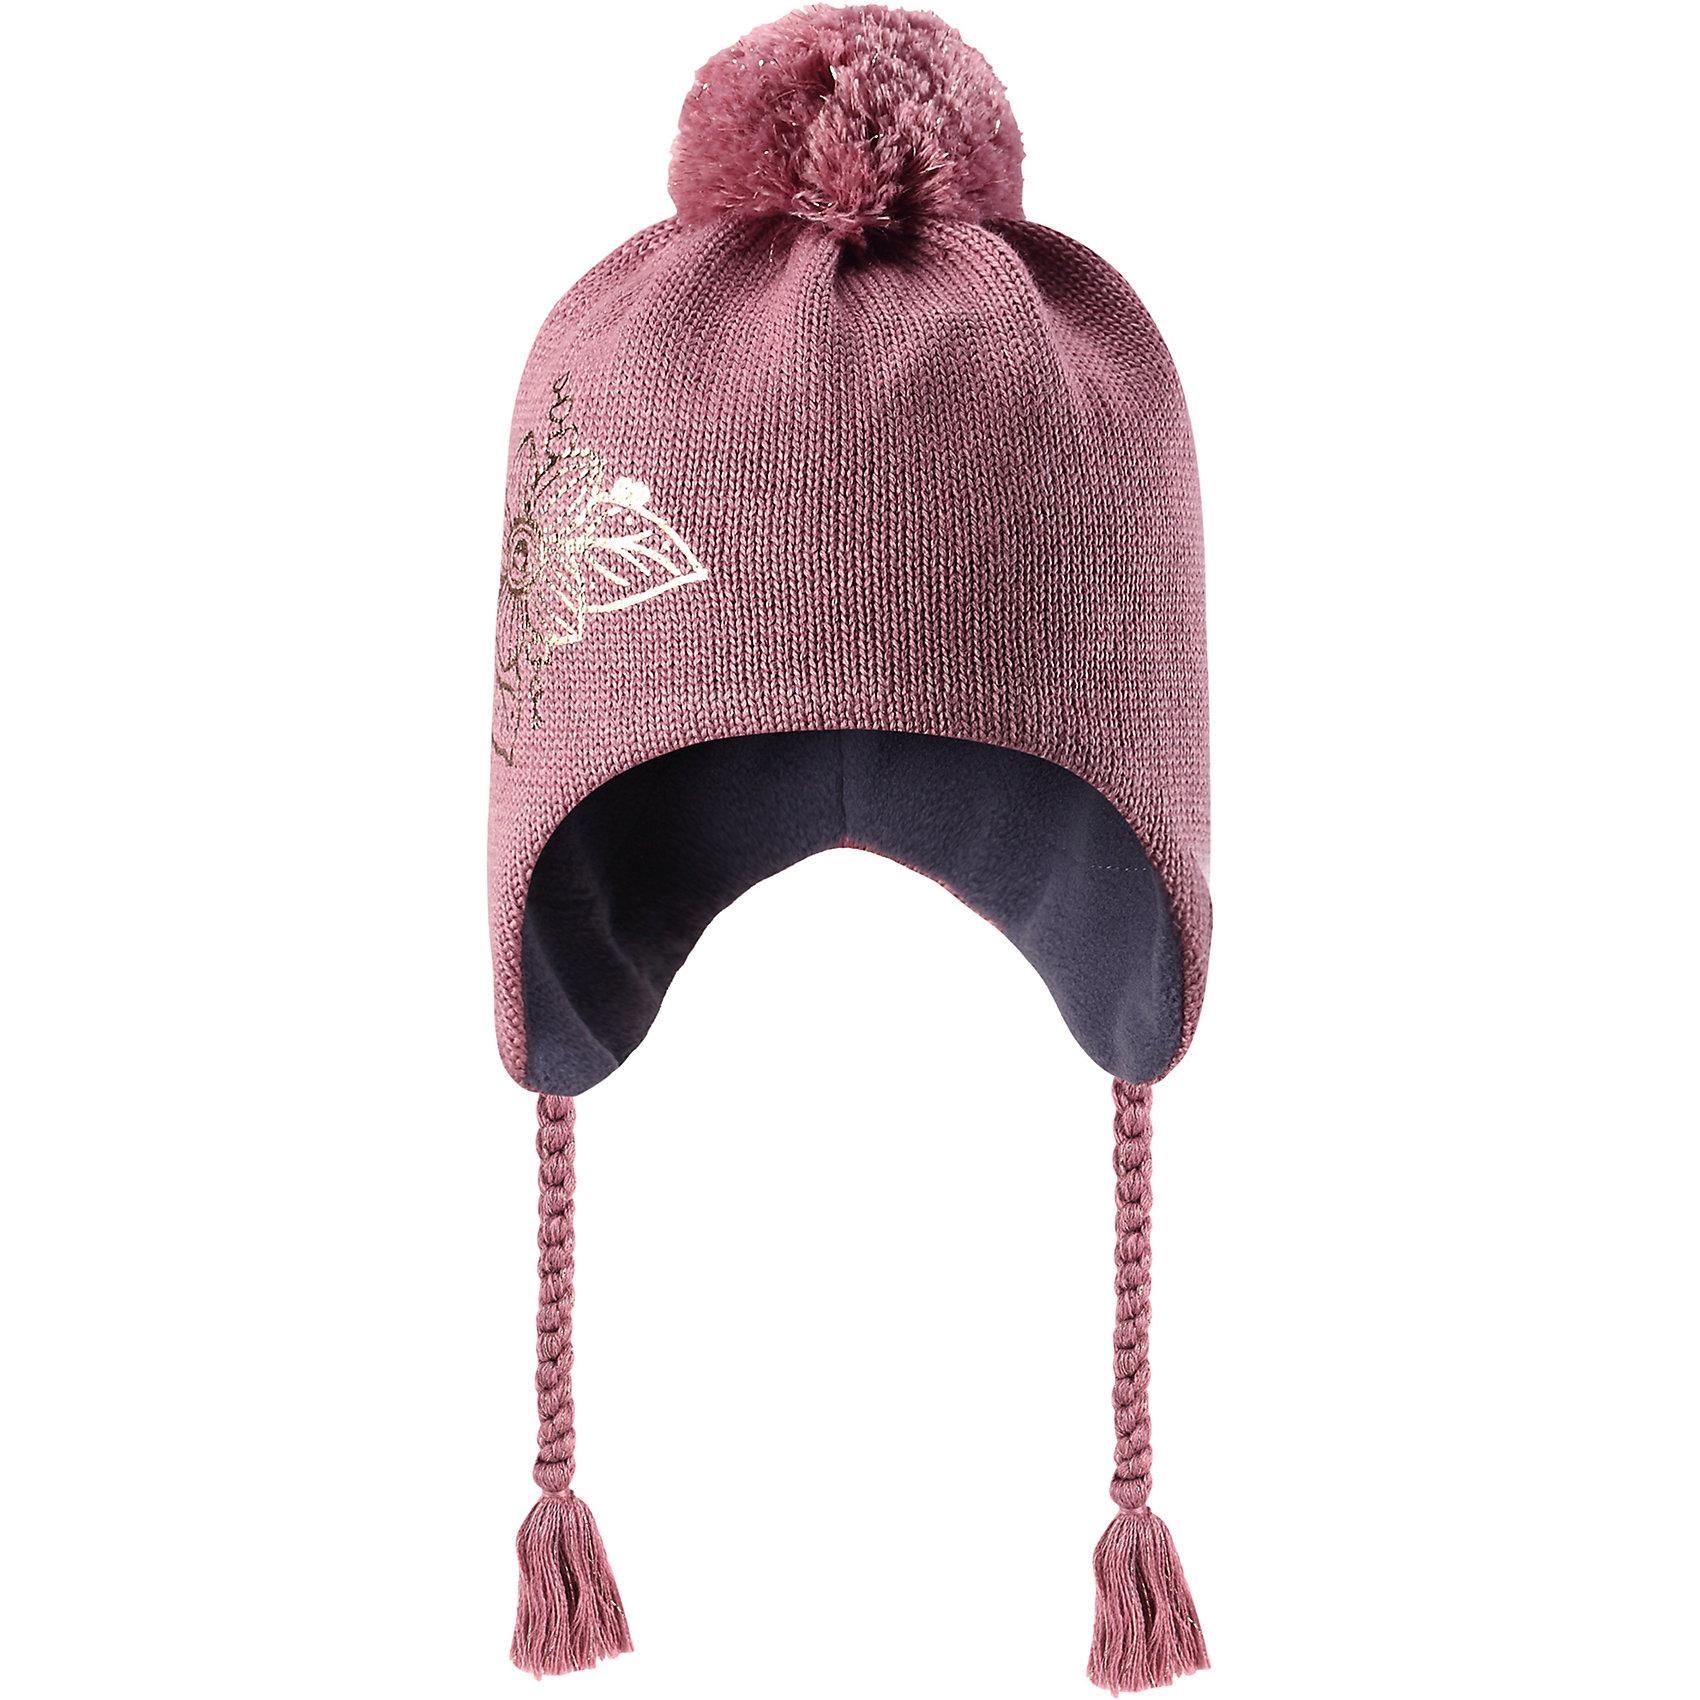 Шапка Lassie для девочкиШапки и шарфы<br>Характеристики товара:<br><br>• цвет: розовый;<br>• состав: 50% шерсть, 50% полиакрил;<br>• подкладка: 100% полиэстер, флис;<br>• без утеплителя;<br>• сезон: демисезон;<br>• температурный режим: от +5С;<br>• особенности: шерстяная, с помпоном;<br>• шапка на завязках;<br>• мягкая и теплая ткань из смеси шерсти;<br>• ветронепроницаемые вставки в области ушей; <br>• сплошная подкладка: мягкий теплый флис;<br>• светоотражающие детали; <br>• страна бренда: Финляндия;<br>• страна изготовитель: Китай;<br><br>Эта очаровательная детская шапка незаменима в холодные зимние дни! Красивая и гладкая флисовая подкладка очень приятна на ощупь и обеспечивает дополнительное утепление. Ветронепроницаемые вставки в области ушей защищают ушки от холодного ветра, а спереди на шапке размещена светоотражающая эмблема Lassie®. <br><br>Шапку Lassie (Ласси) можно купить в нашем интернет-магазине.<br><br>Ширина мм: 89<br>Глубина мм: 117<br>Высота мм: 44<br>Вес г: 155<br>Цвет: розовый<br>Возраст от месяцев: 72<br>Возраст до месяцев: 144<br>Пол: Женский<br>Возраст: Детский<br>Размер: 46-48,50-52,54-56<br>SKU: 6928161